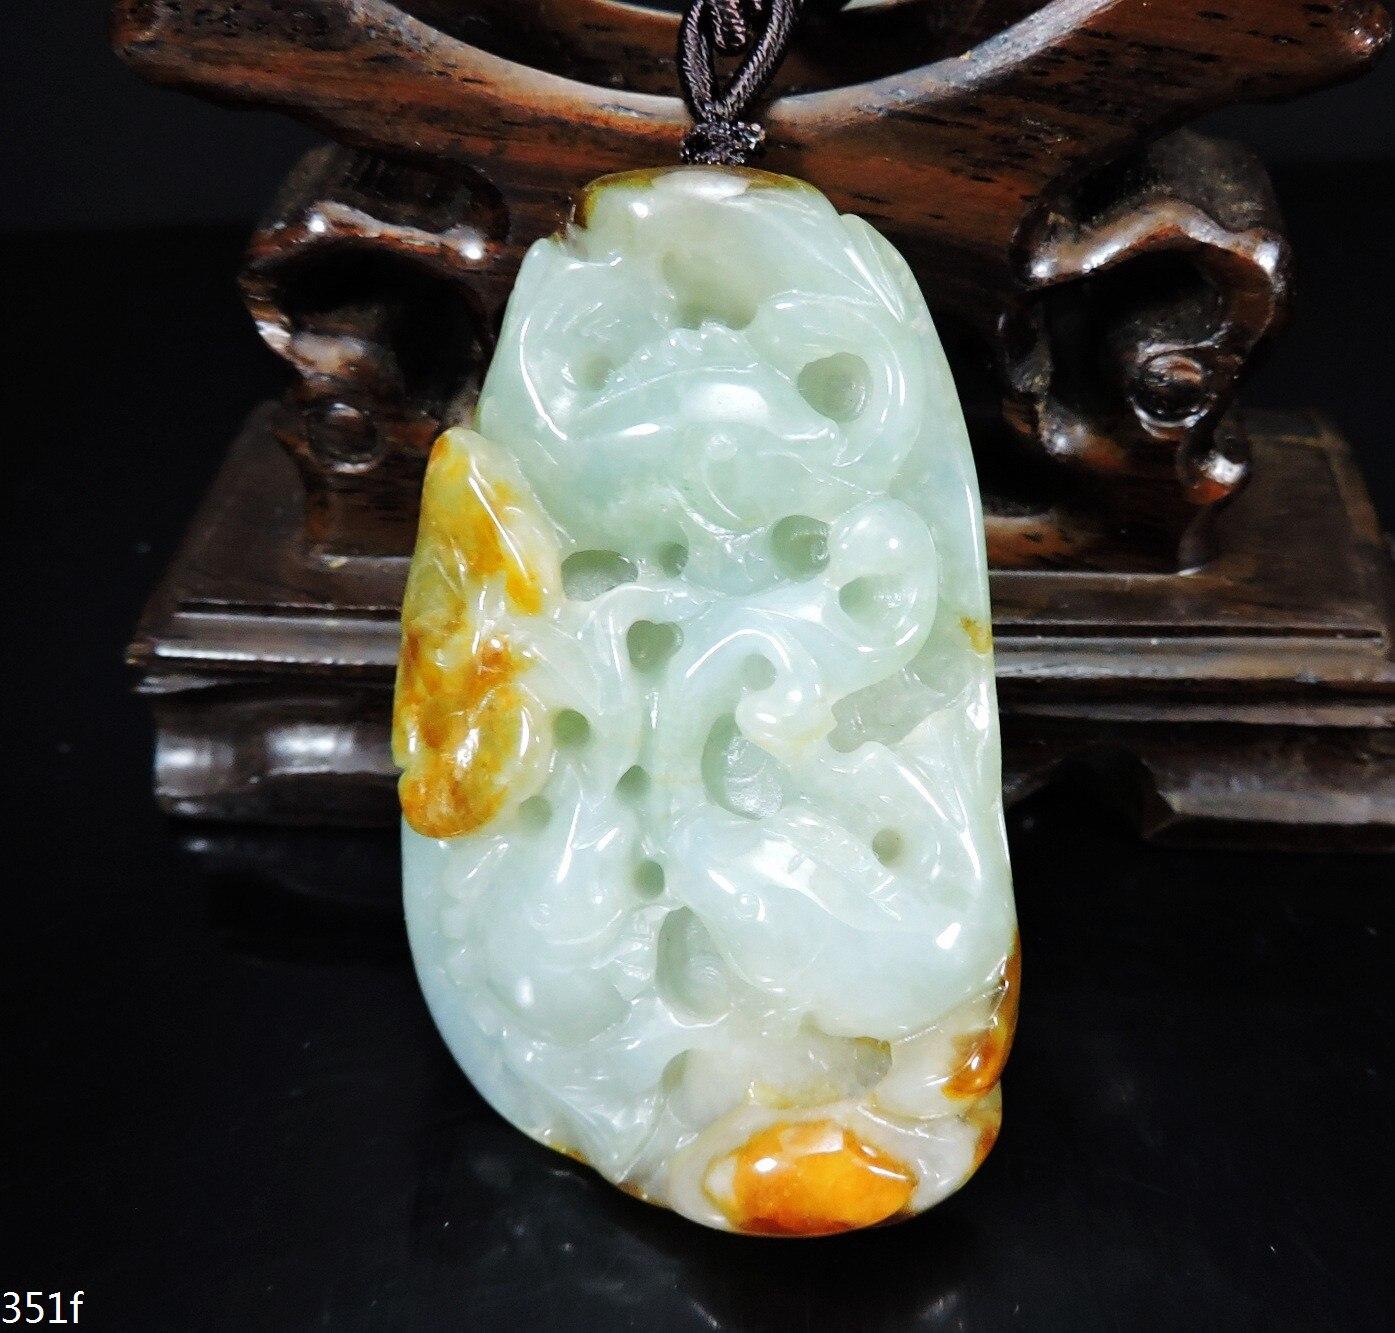 Zertifiziert Natürliche Jadeit anhänger Grade EINE Hand-geschnitzt Ruyi & fischteich Jade halskette Geschenk Keine jede behandlung 351f